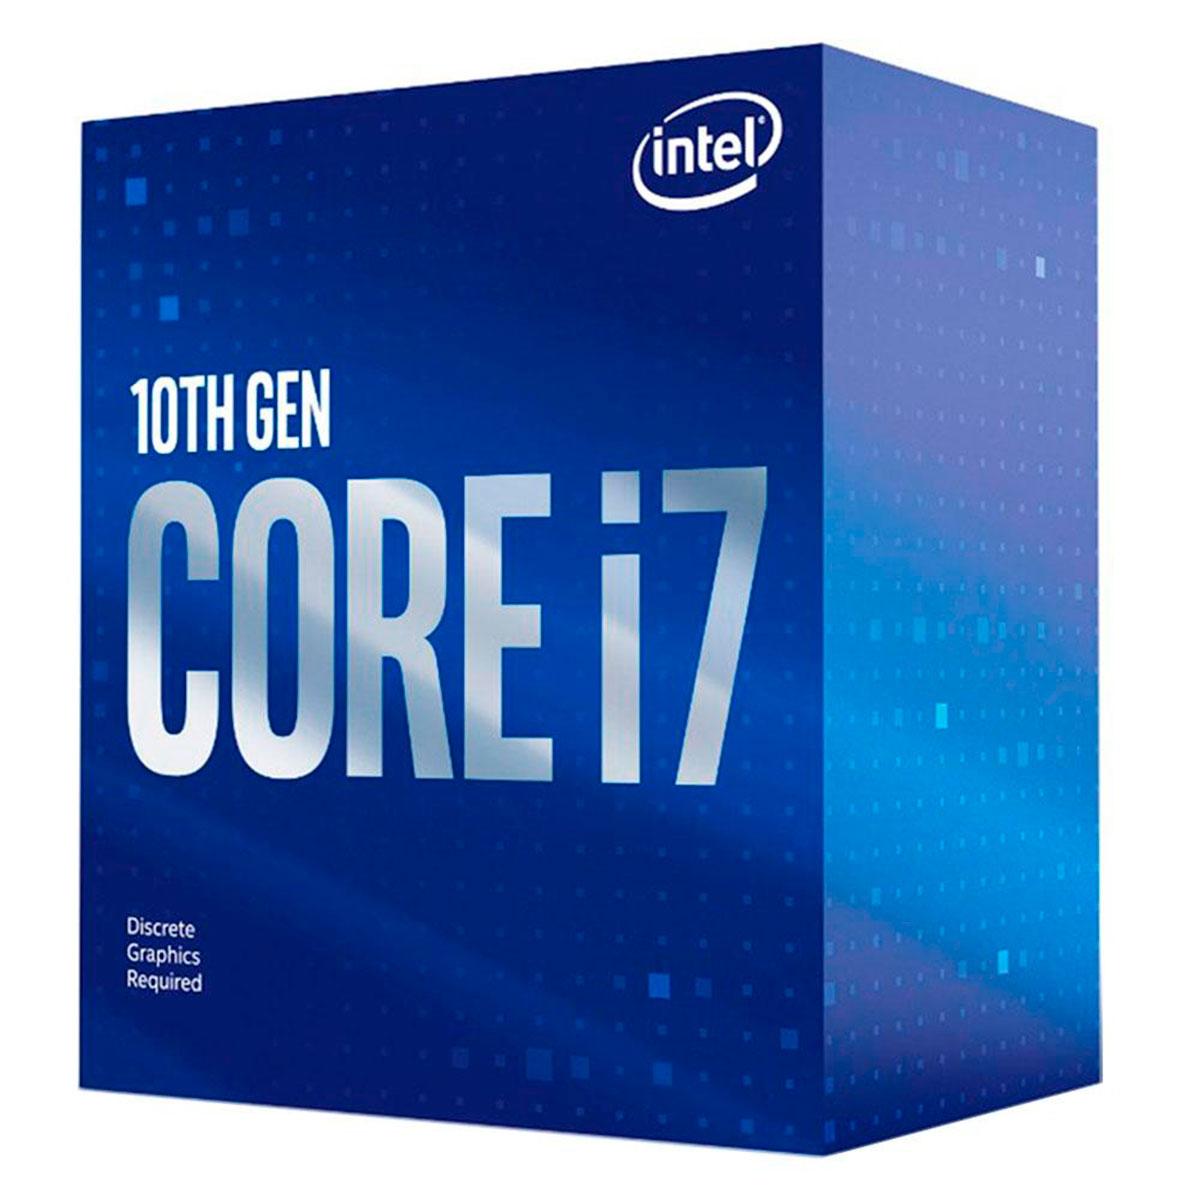 Processador Intel Core I7-10700F, 10ª Geração, 2.9GHz (4.8GHz Turbo), LGA1200, 16MB - BX8070110700F